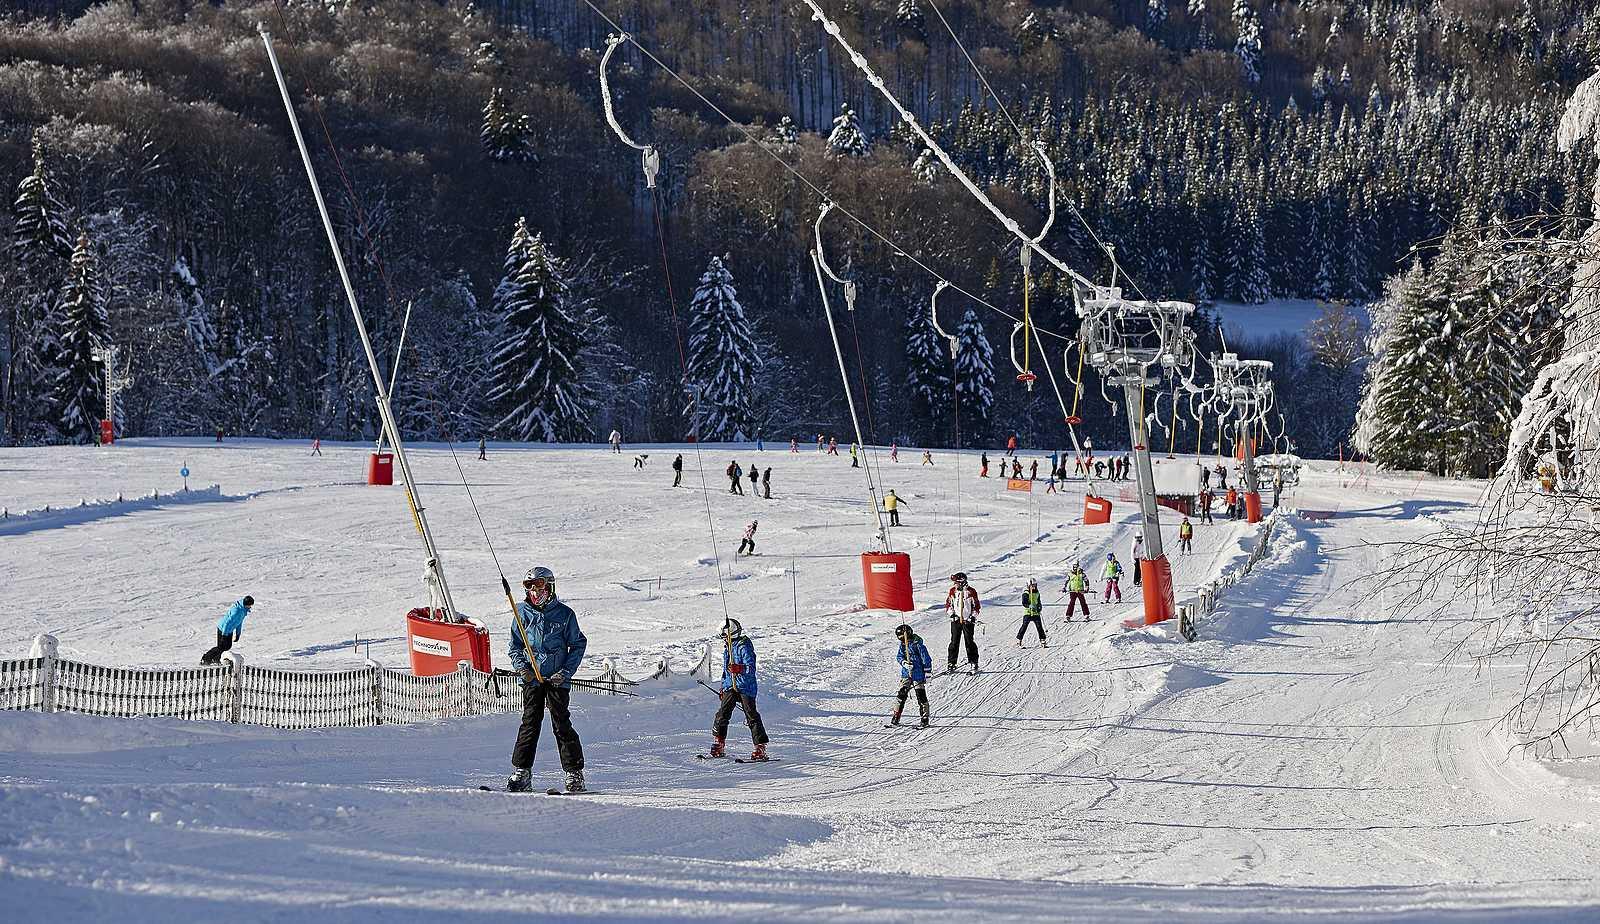 Le Champ du Feu ski resort